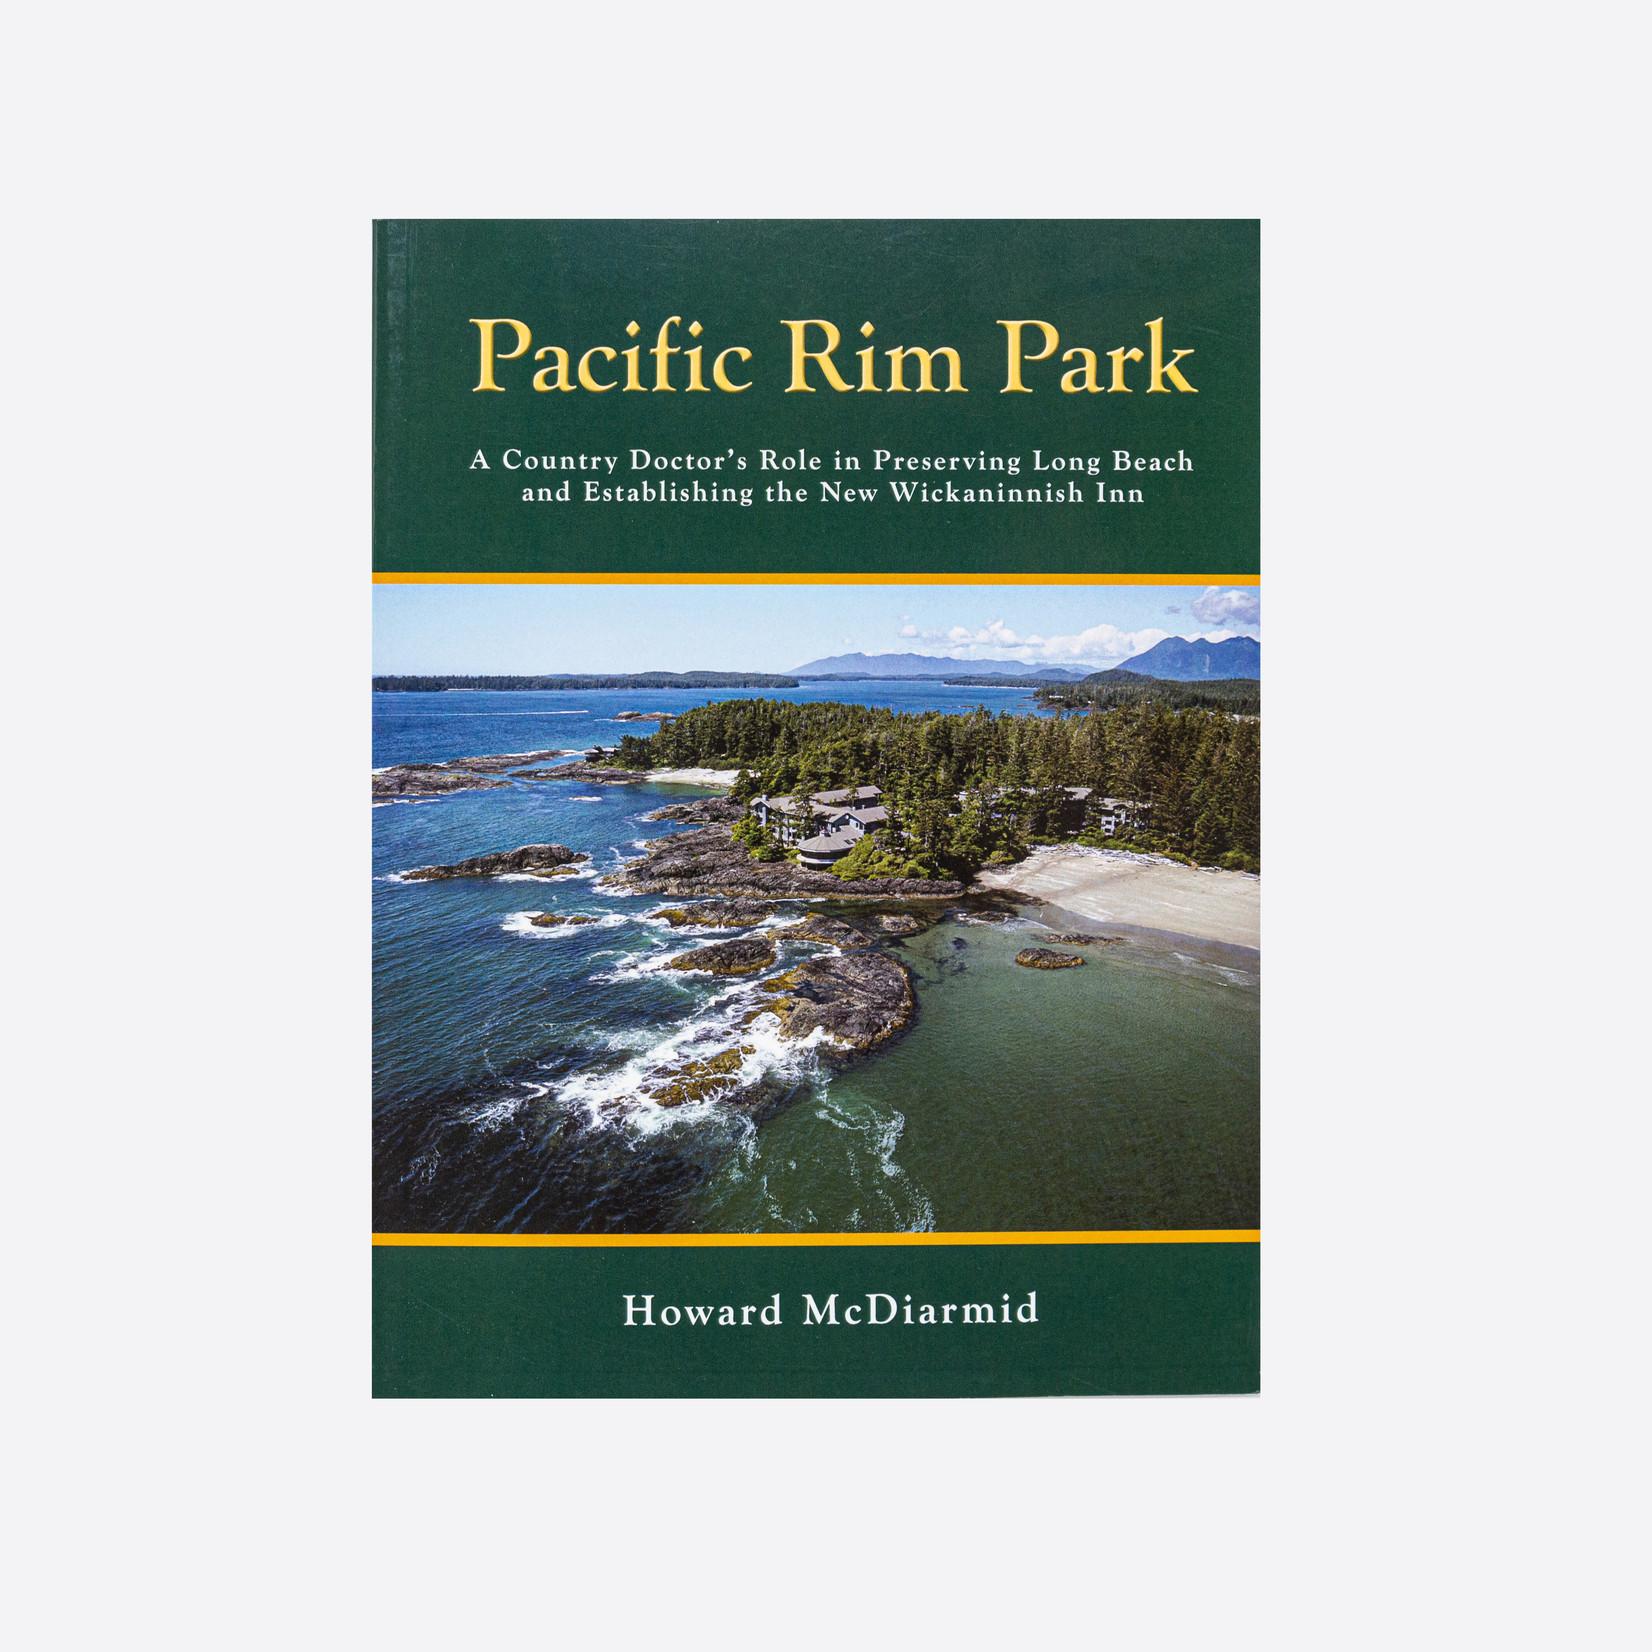 Pacific Rim Park